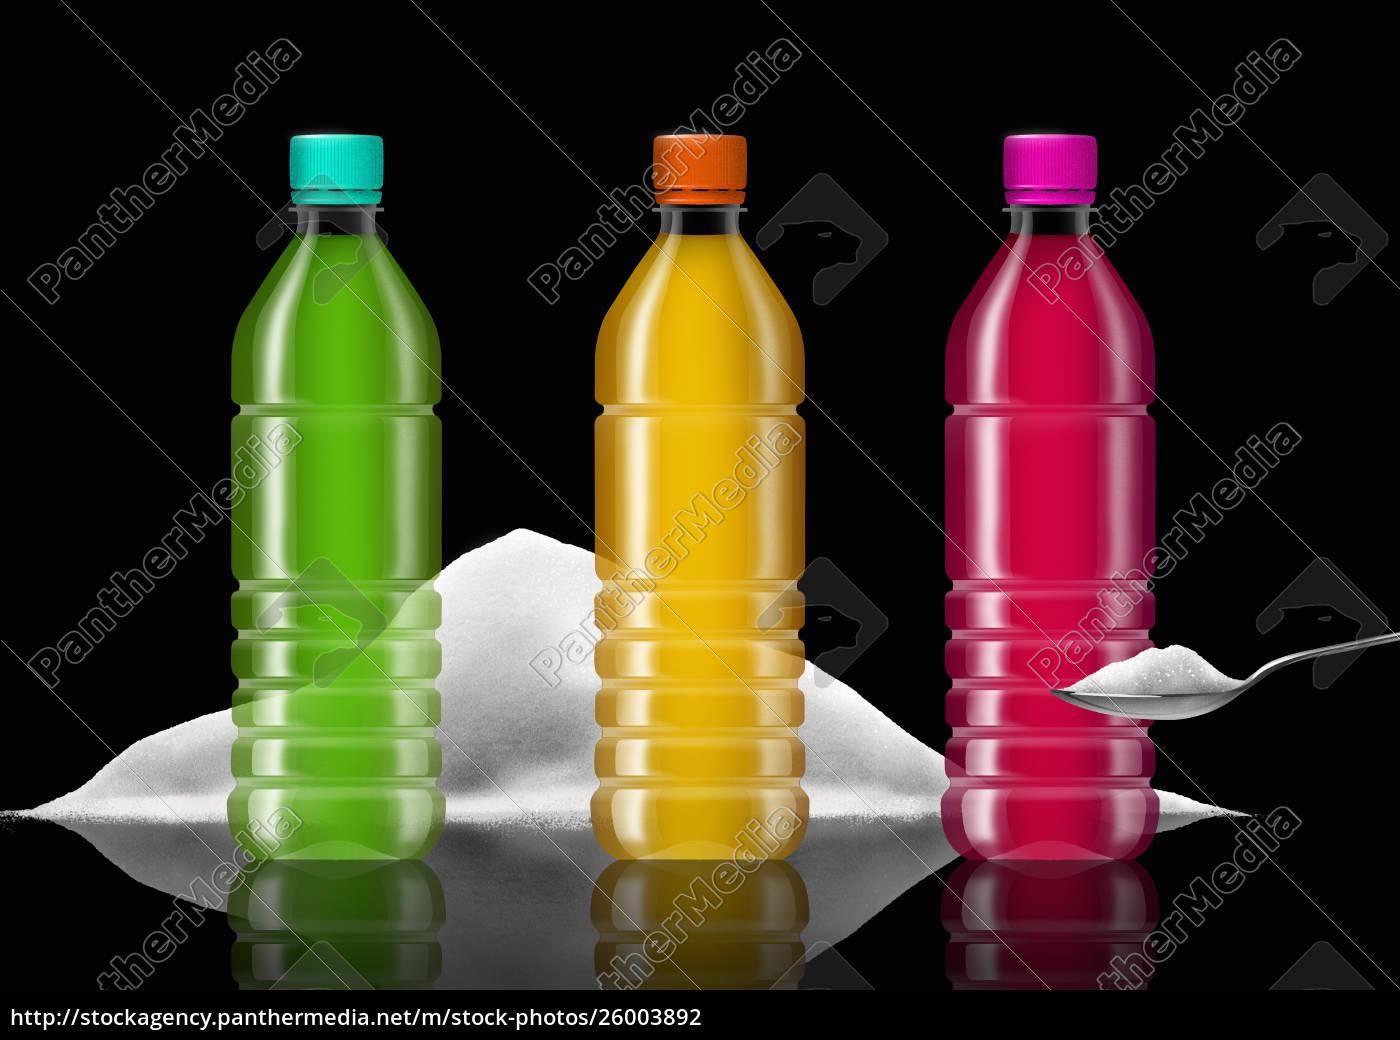 reihe, von, bunten, softdrink-flaschen, und, zuckerhaufen - 26003892